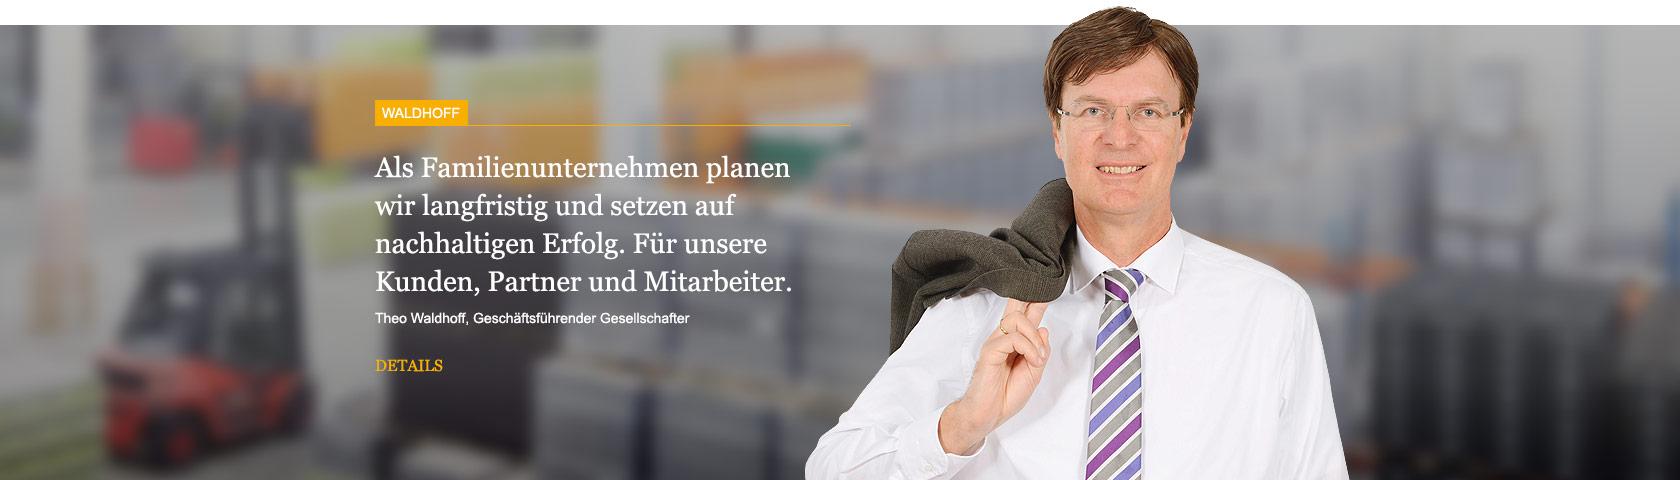 Slider_Unternehmen_Startseite